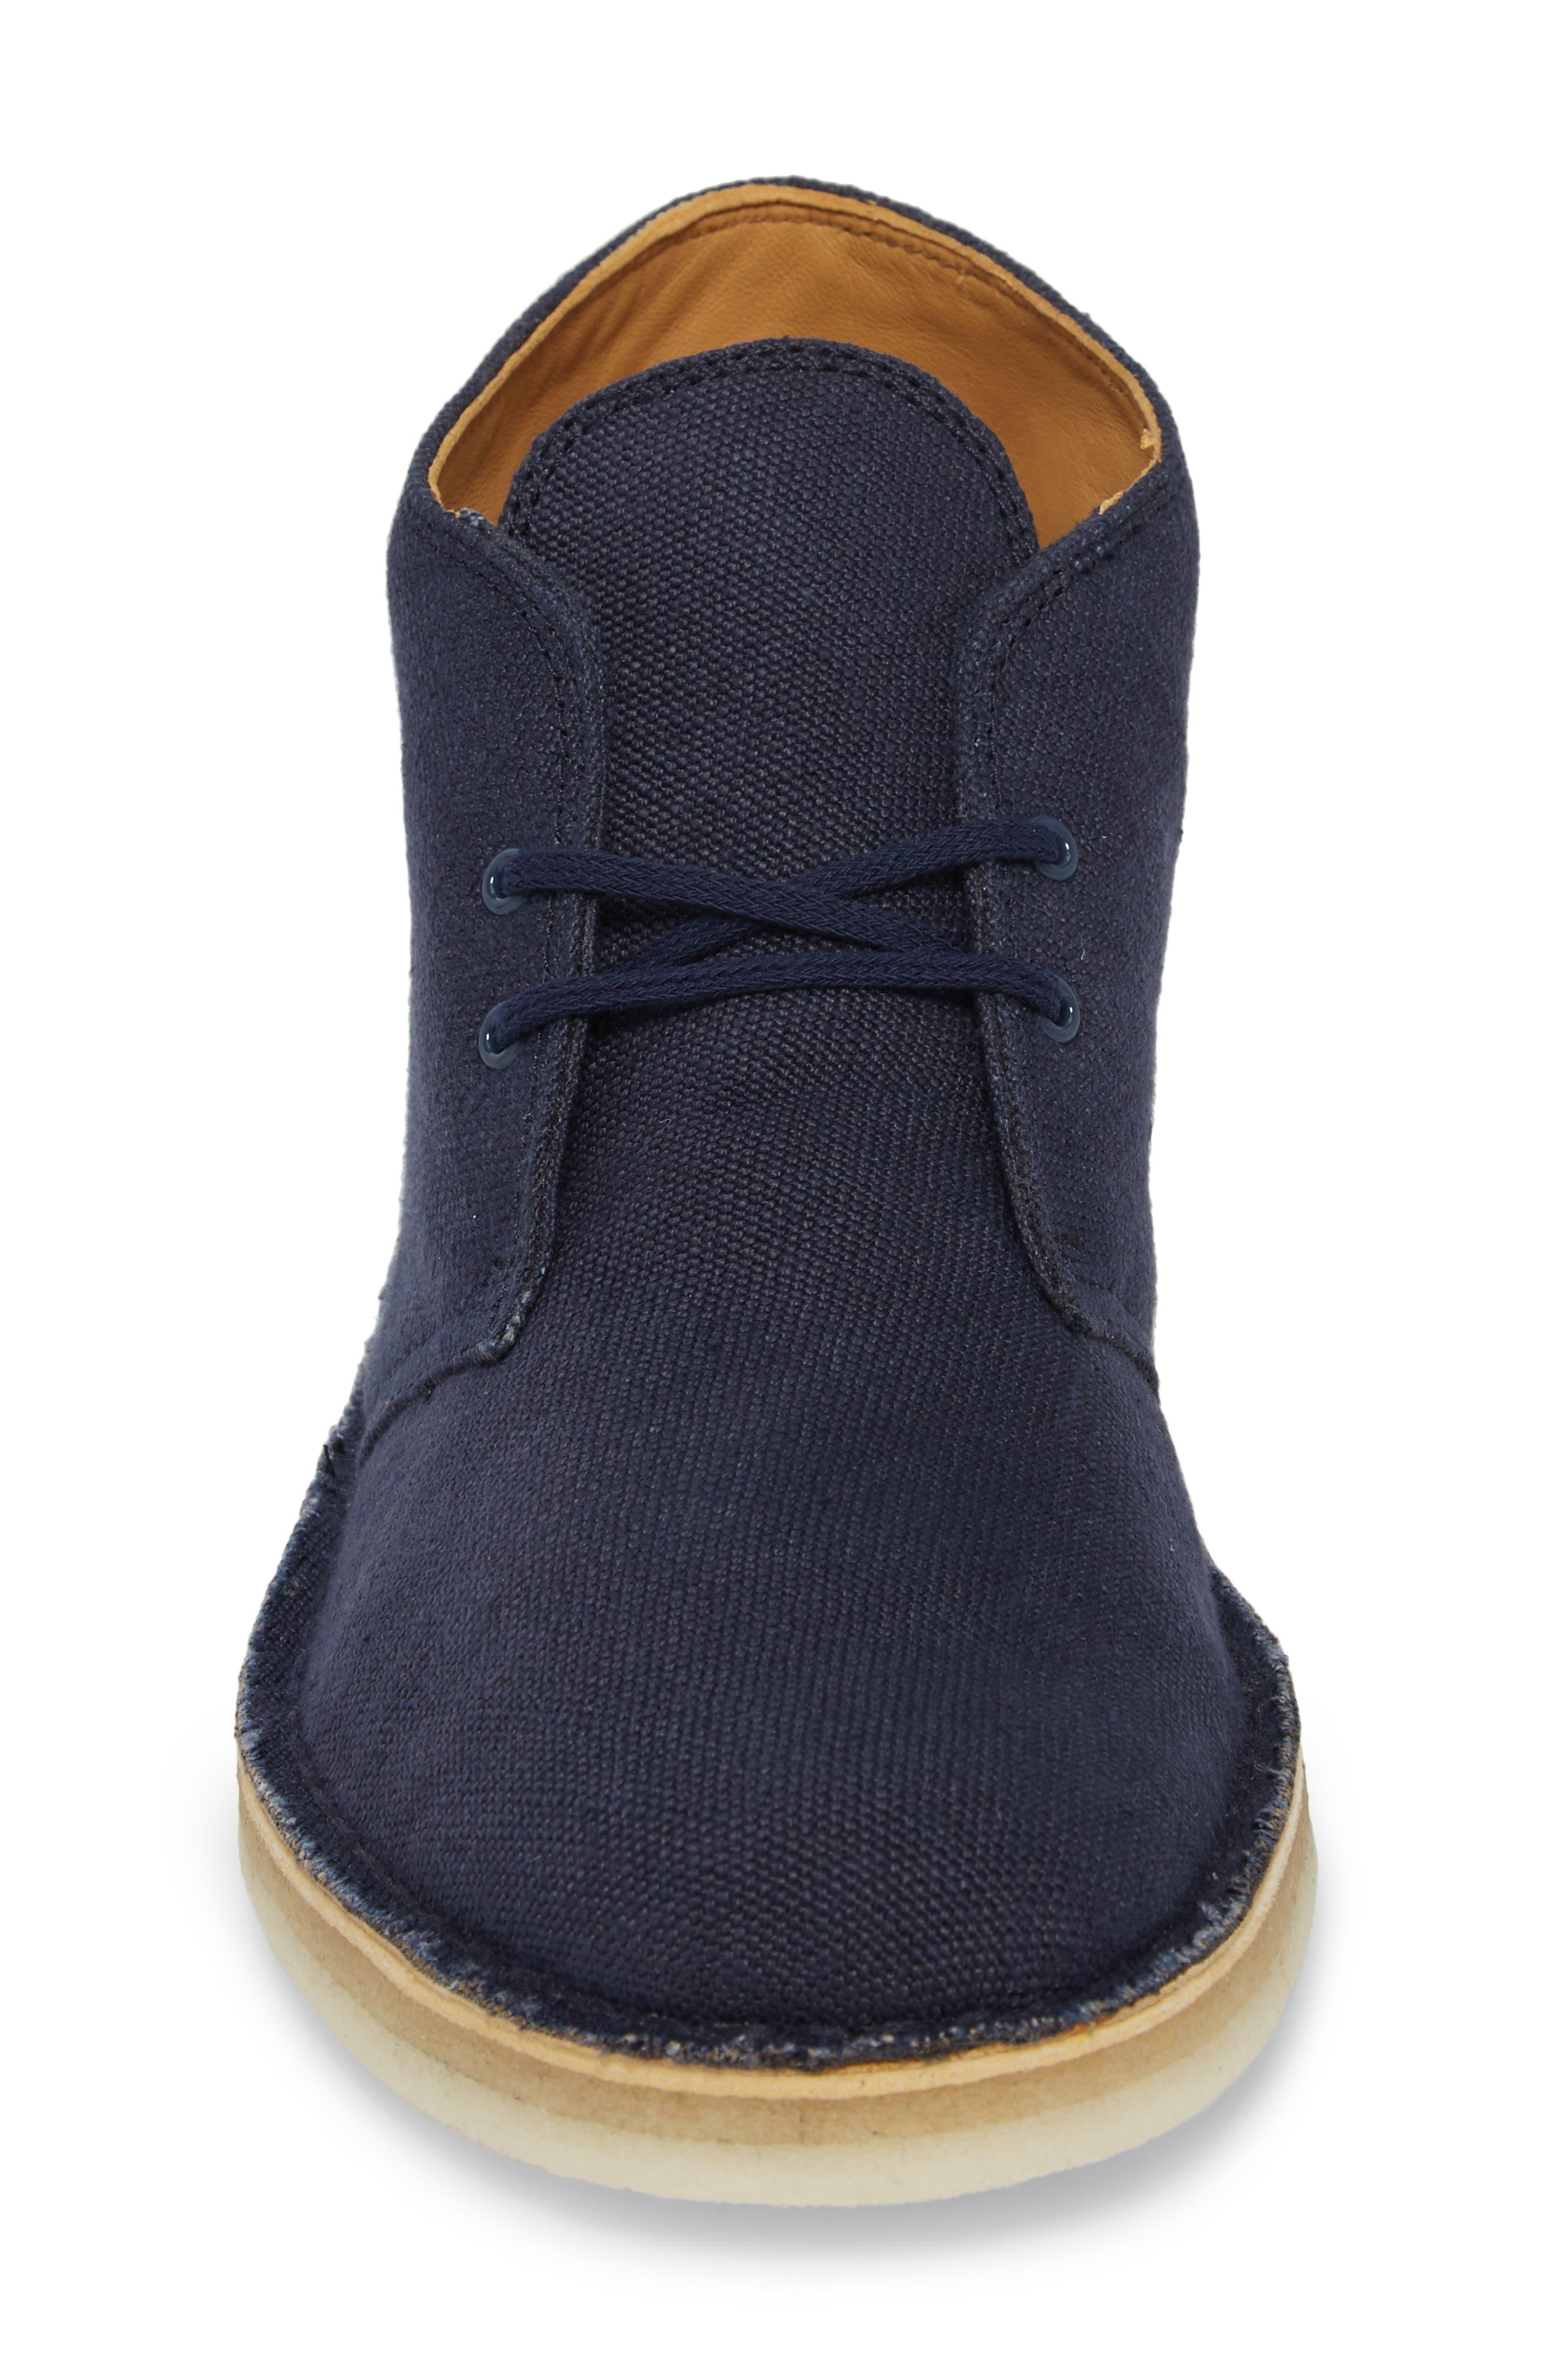 Clarks of England Desert Boot,                             Alternate thumbnail 4, color,                             480